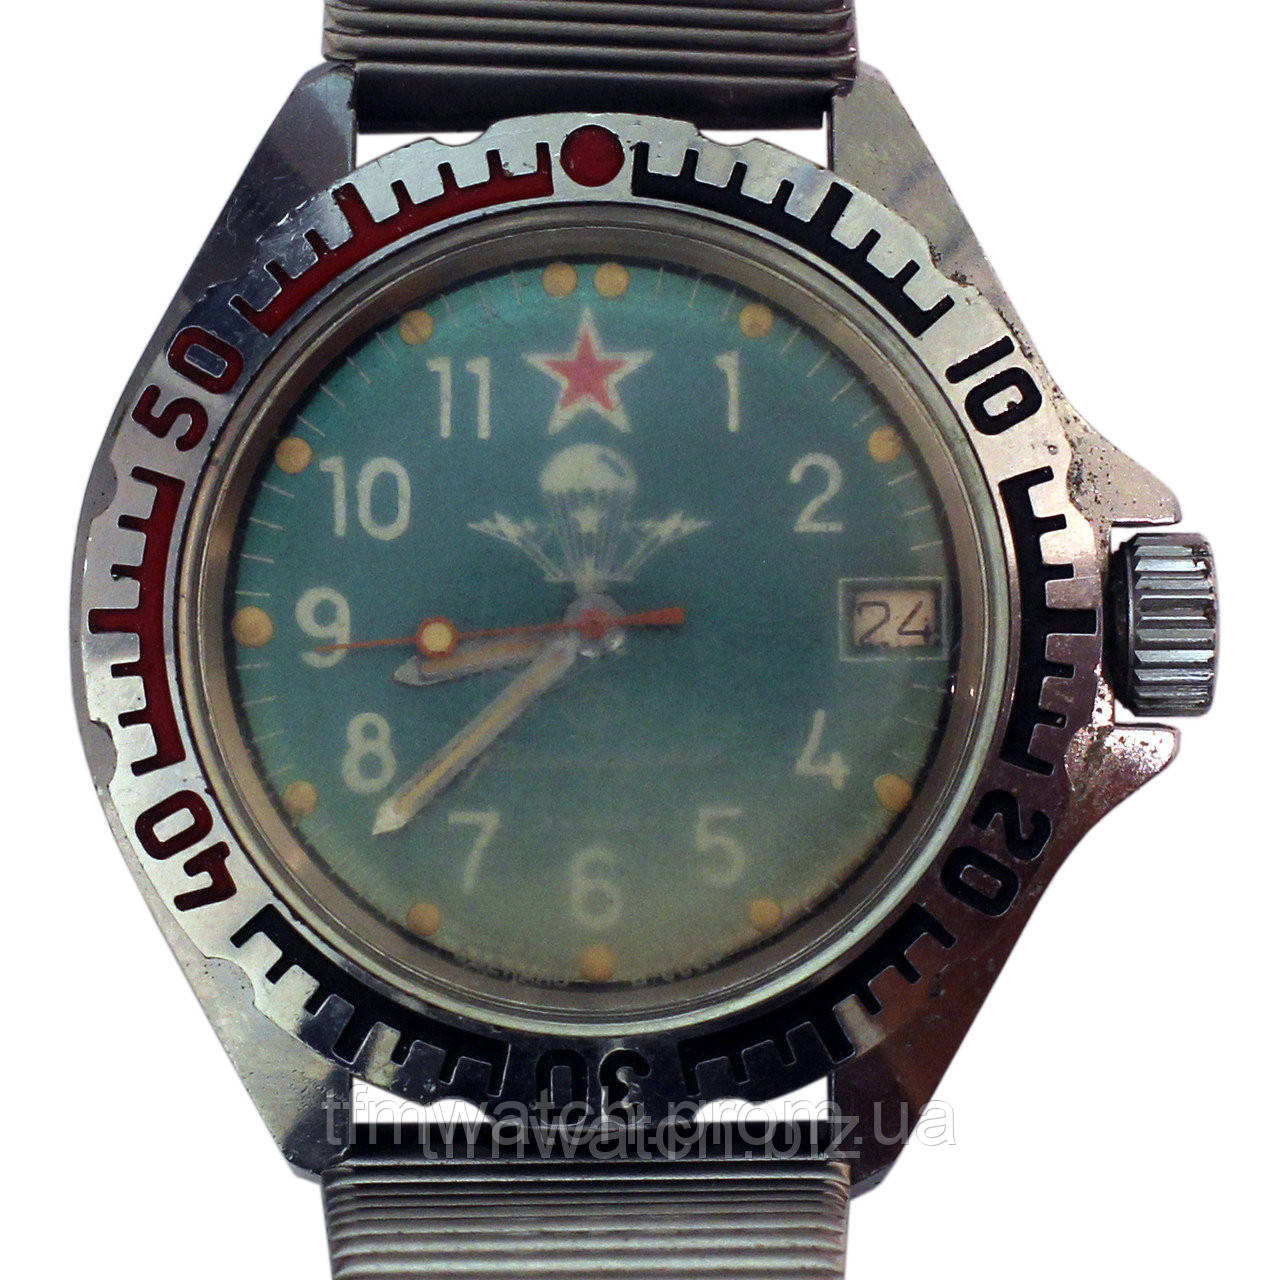 Куплю часы ссср командирские наручные часы hermes paris цена